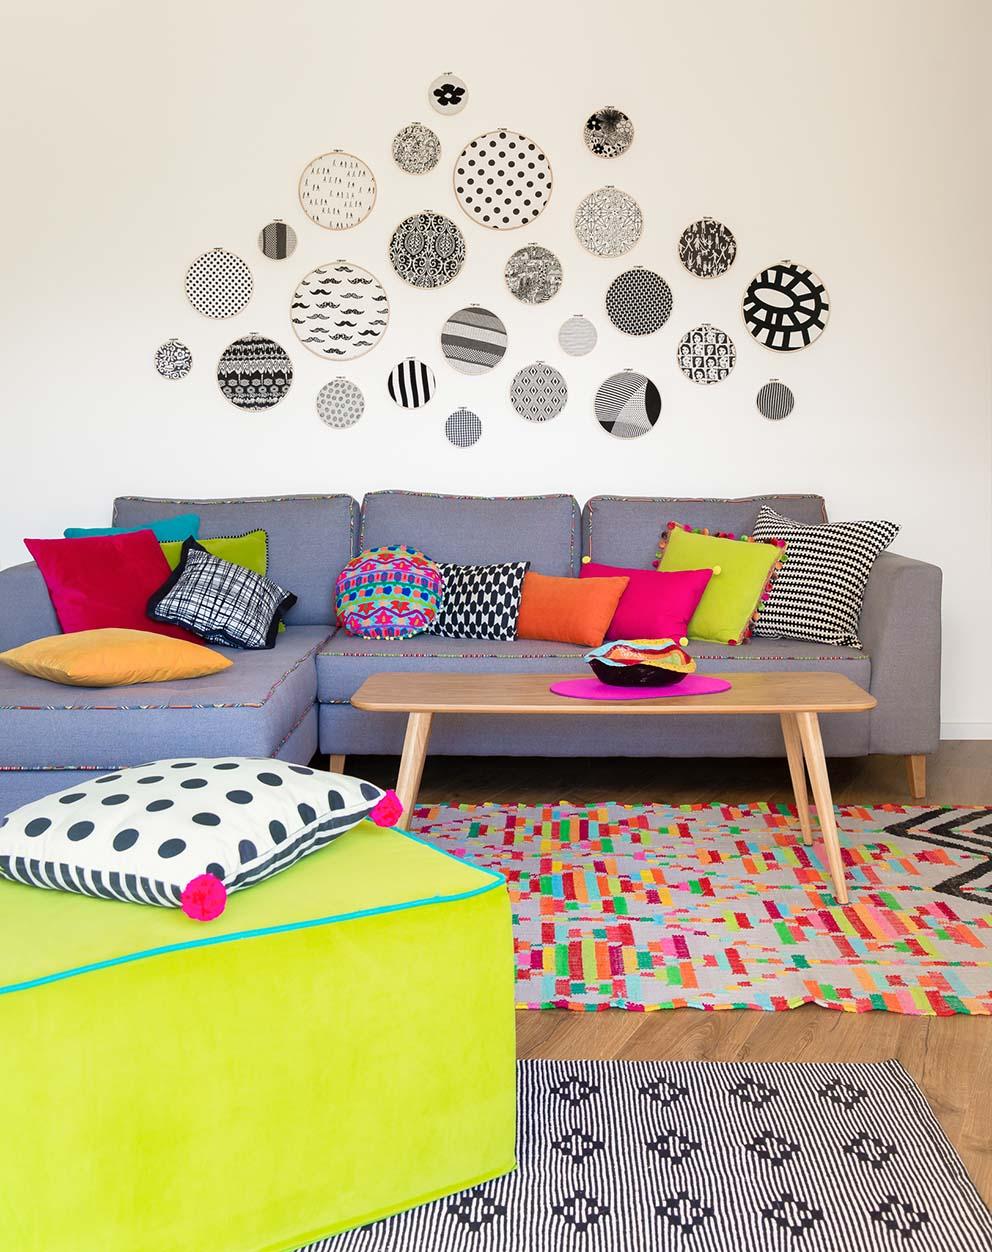 עיצוב: רונה קינן פיש, צילום: סיגל בר אל, www.pnim.co.il